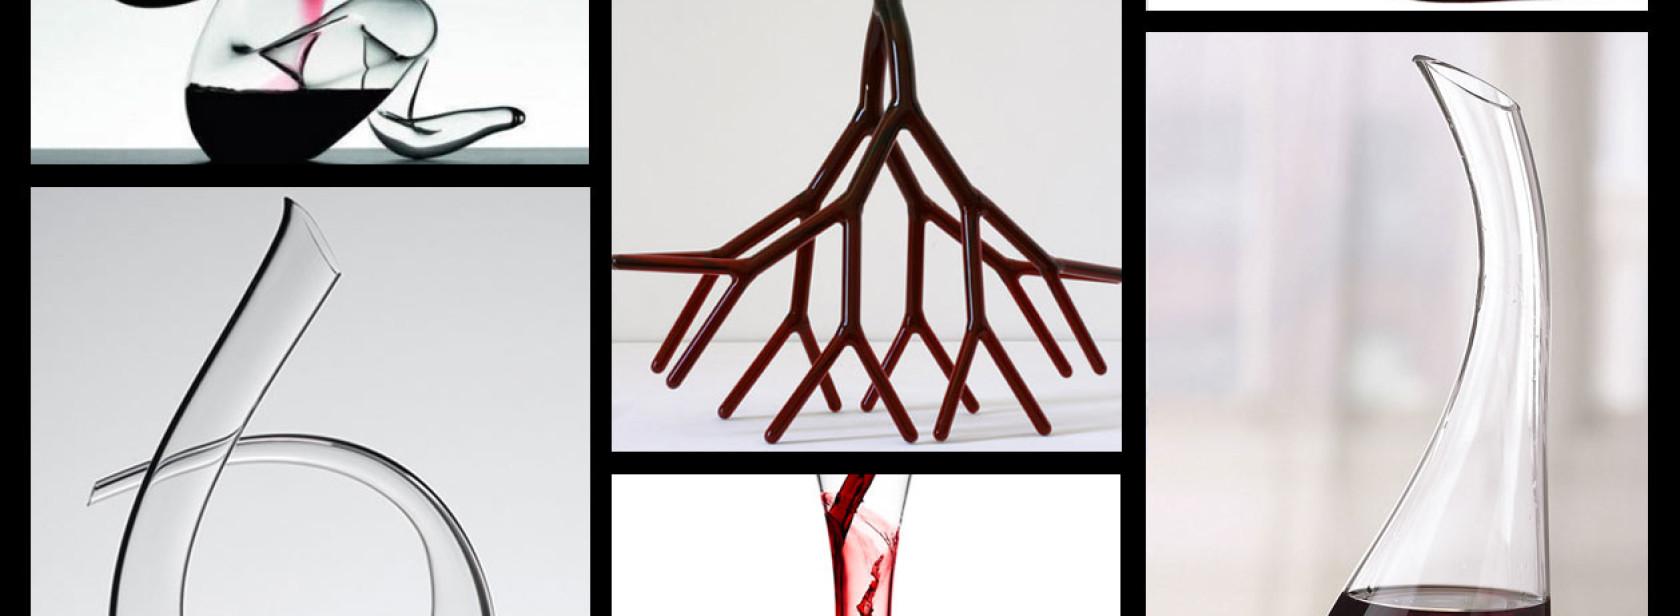 decanter-vino-rosso-accessorio-design-accessori-exclusive-wine-1680x616